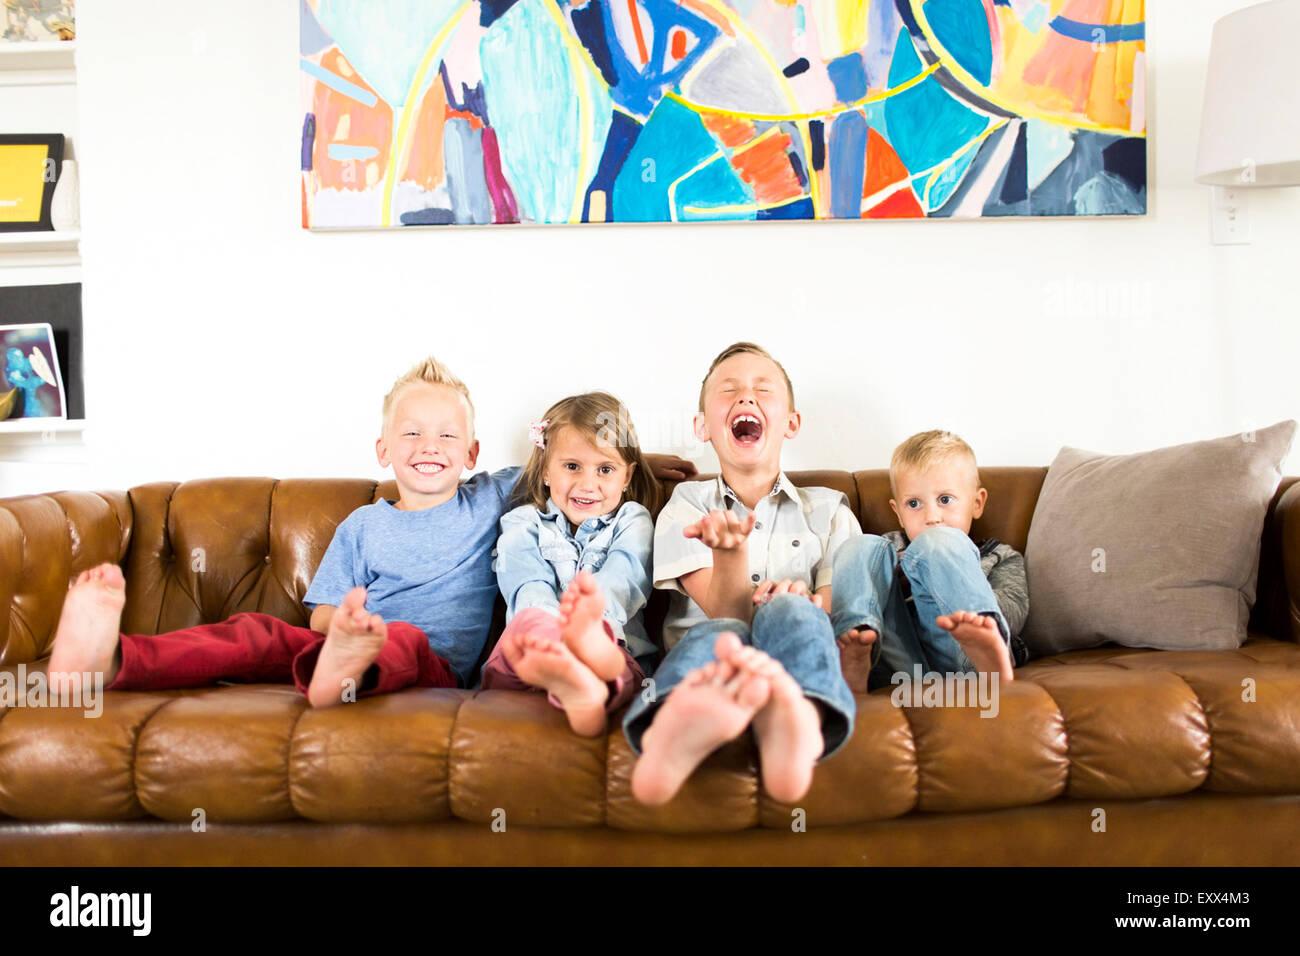 Lächelnde Kinder (2-3, 4-5, 6-7) auf Sofa sitzen Stockfoto